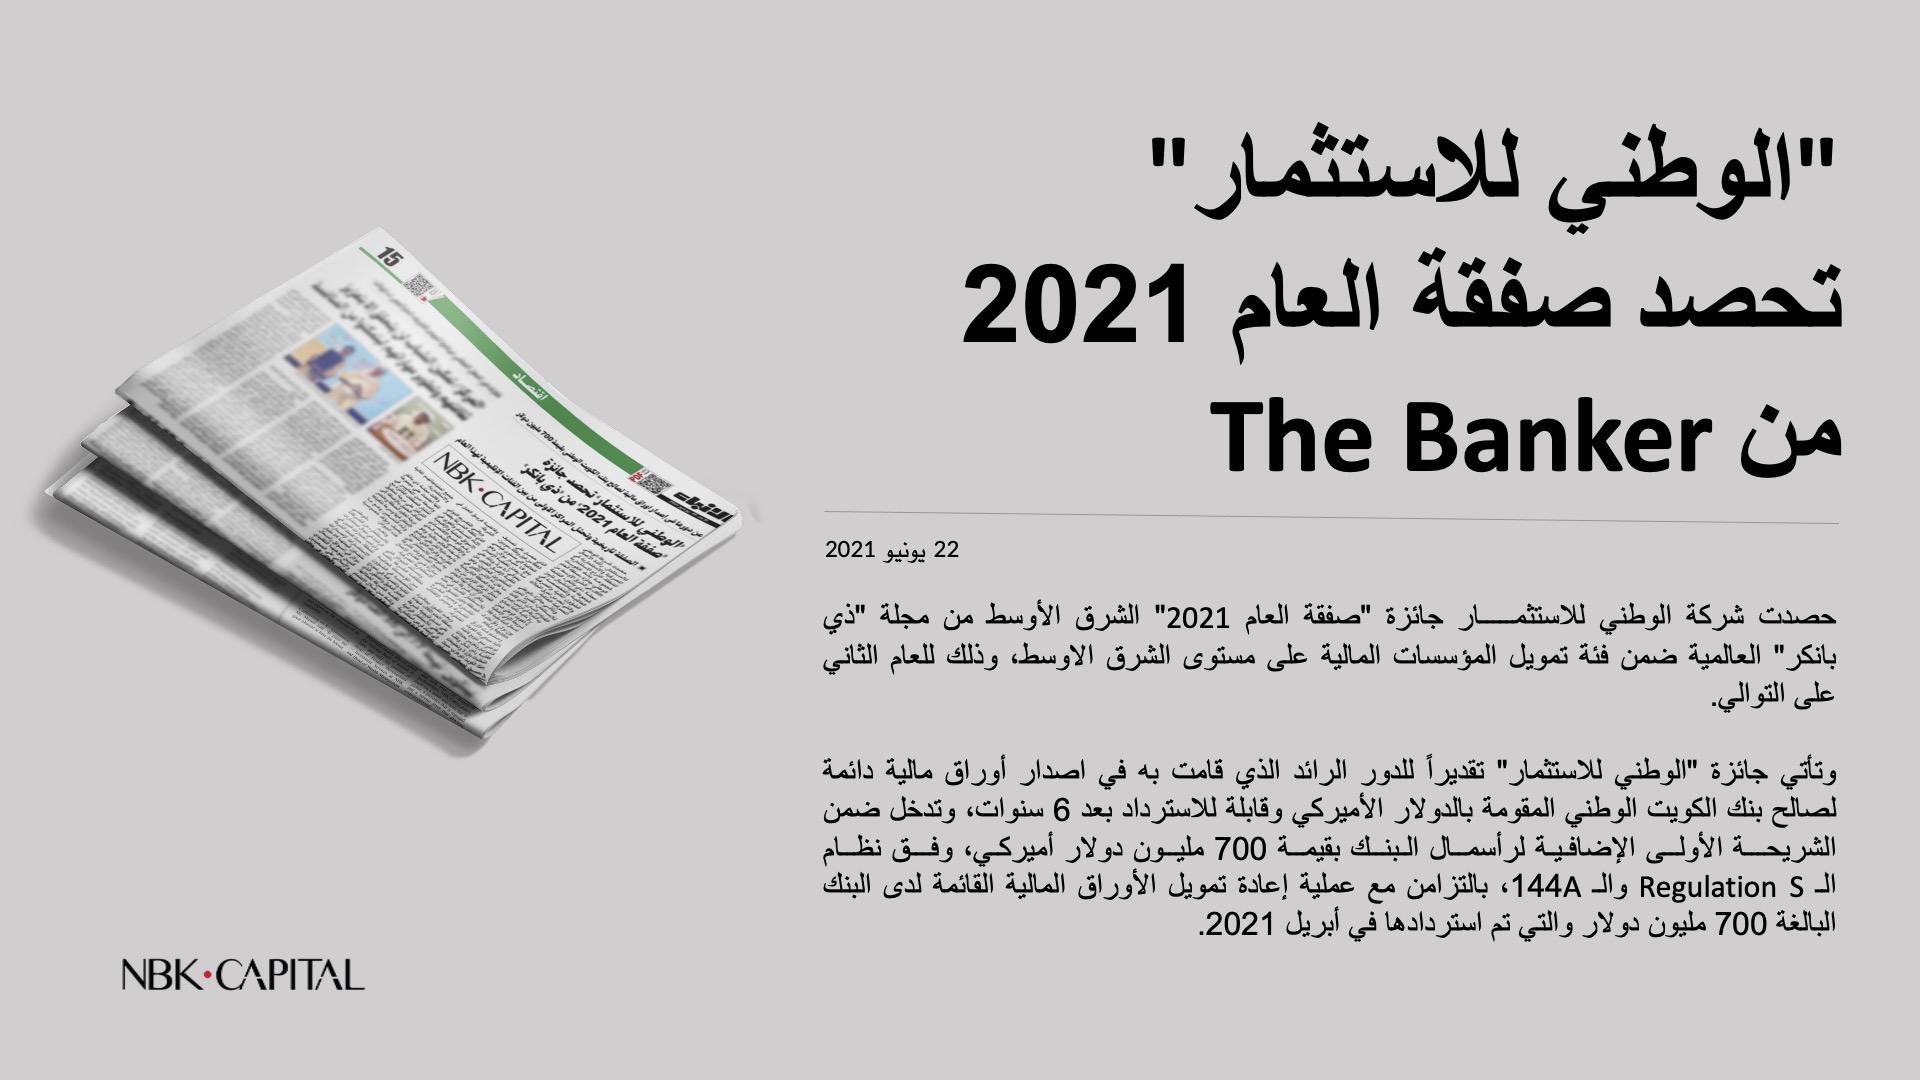 """""""الوطني للاستثمار"""" تحصد جائزة """"صفقة العام 2021"""" من """"ذي بانكر"""""""